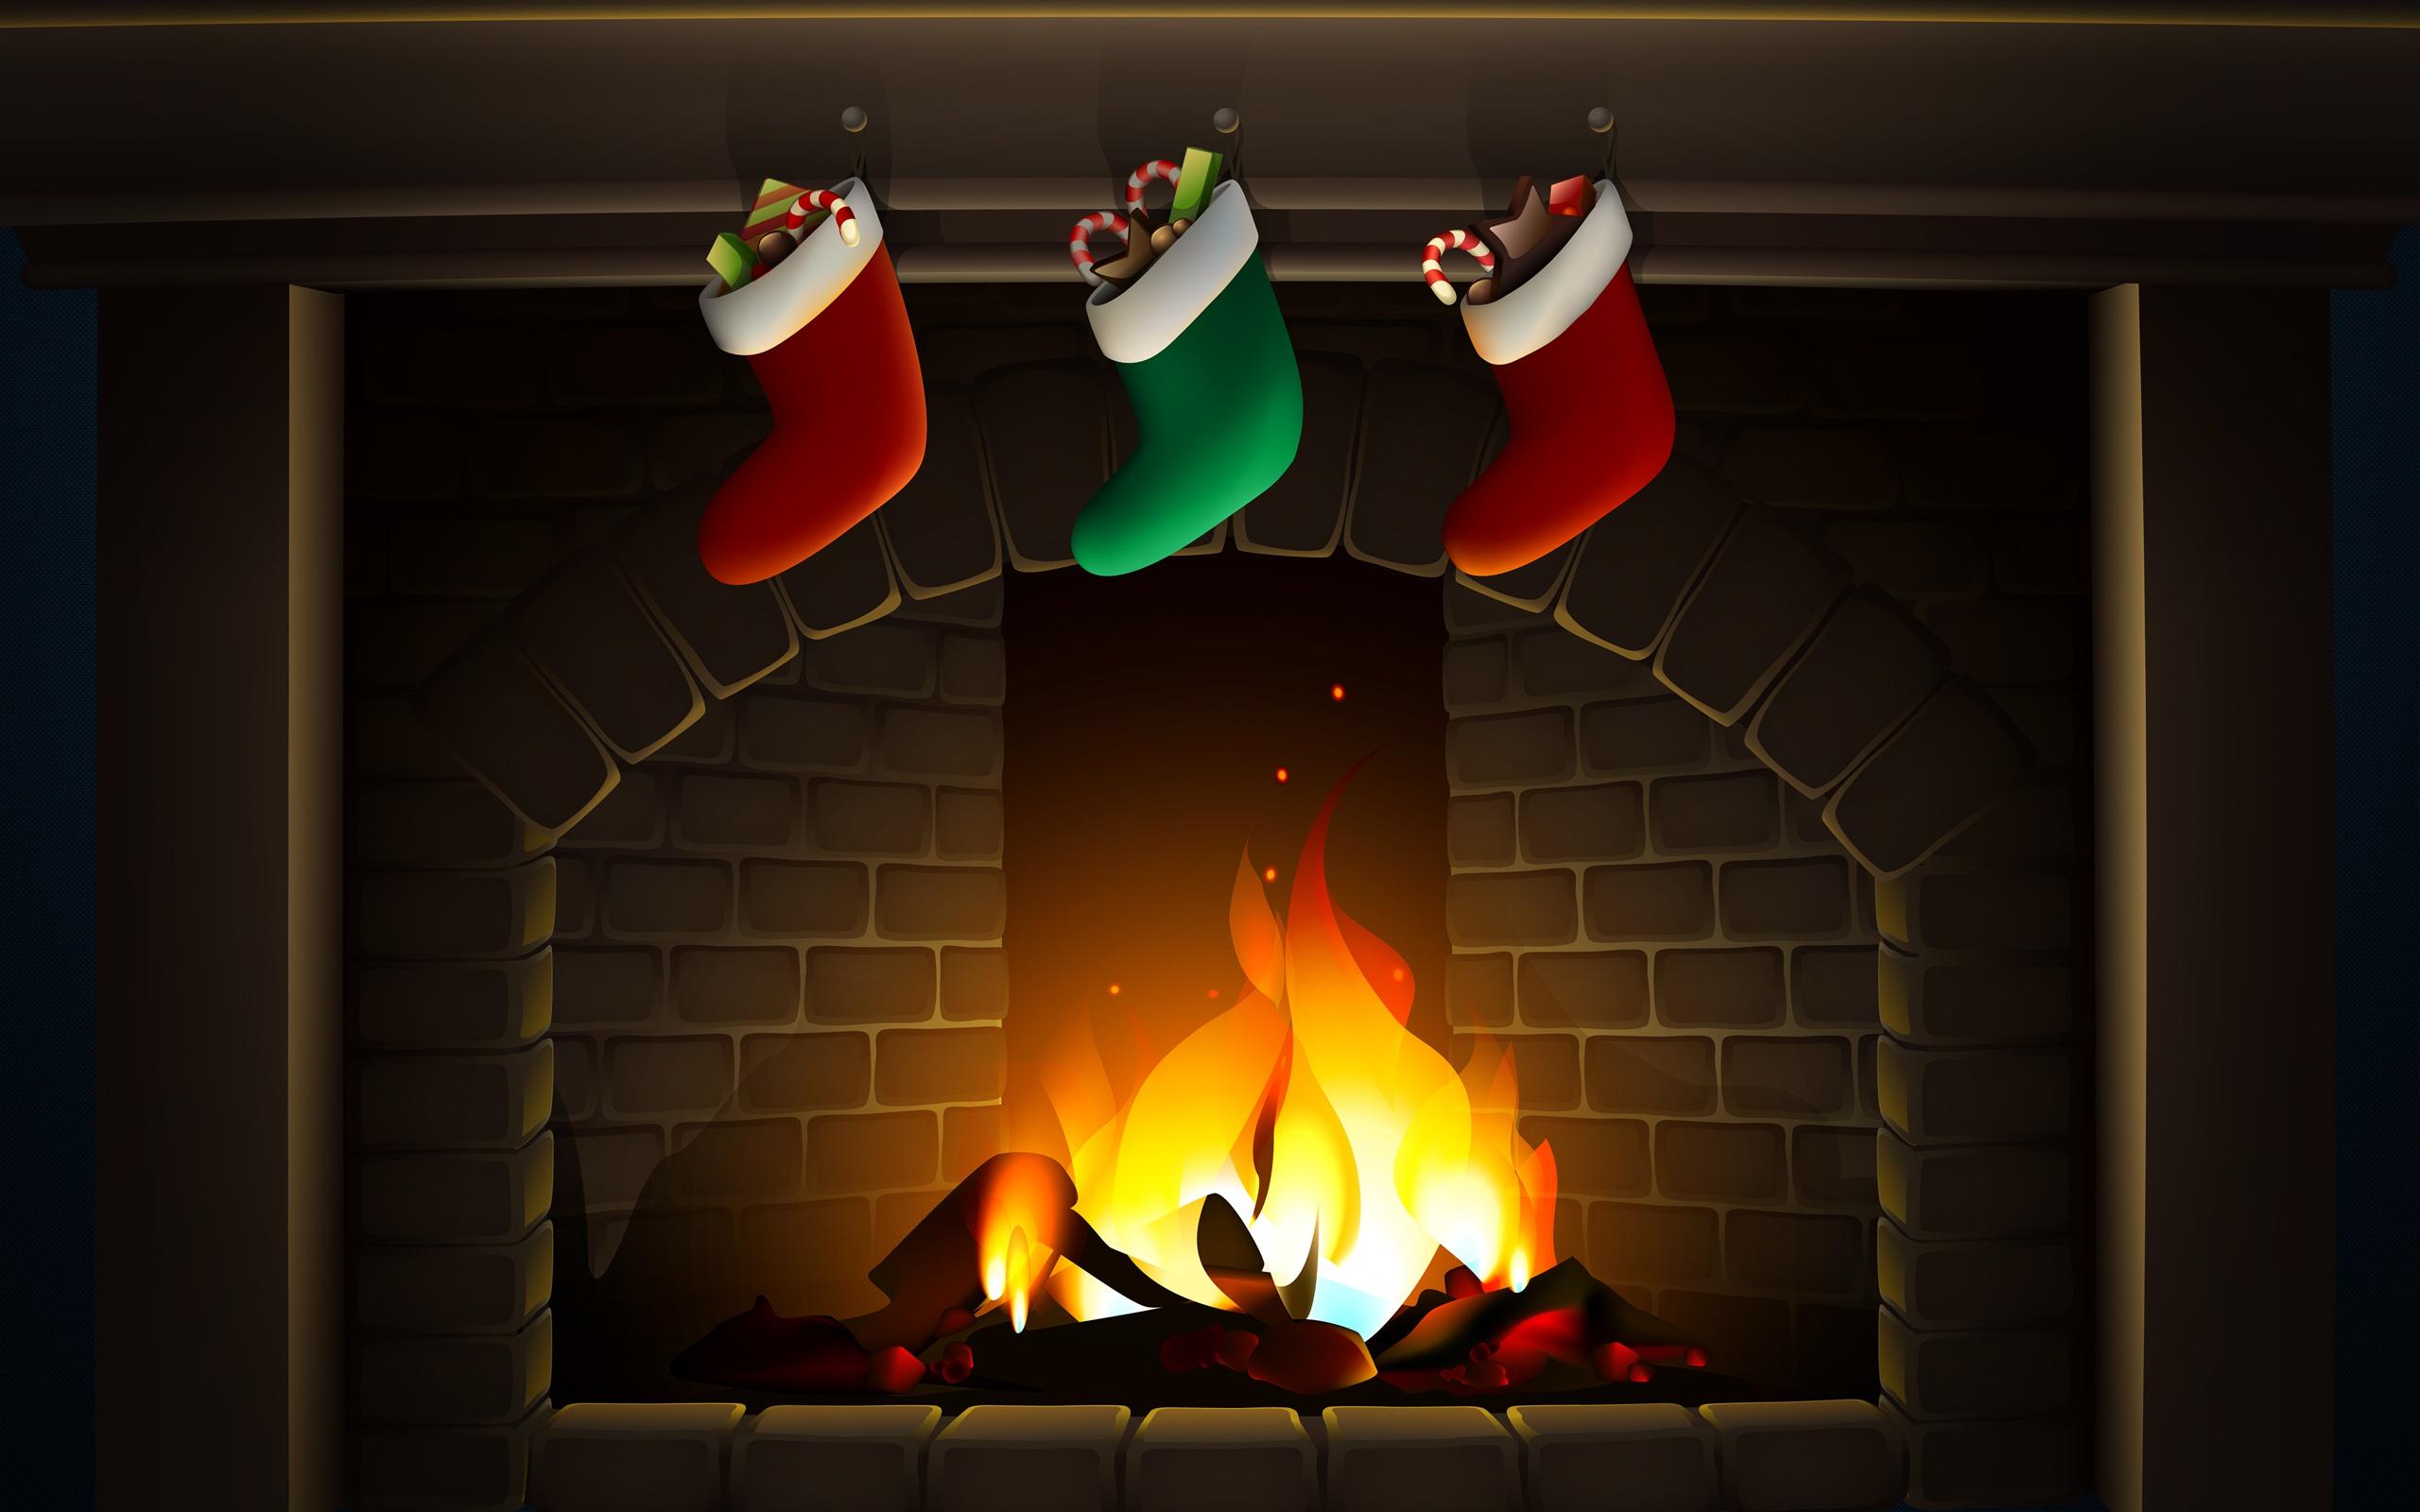 картинка новогоднего камина с огнем в большом формате предлагаем вам